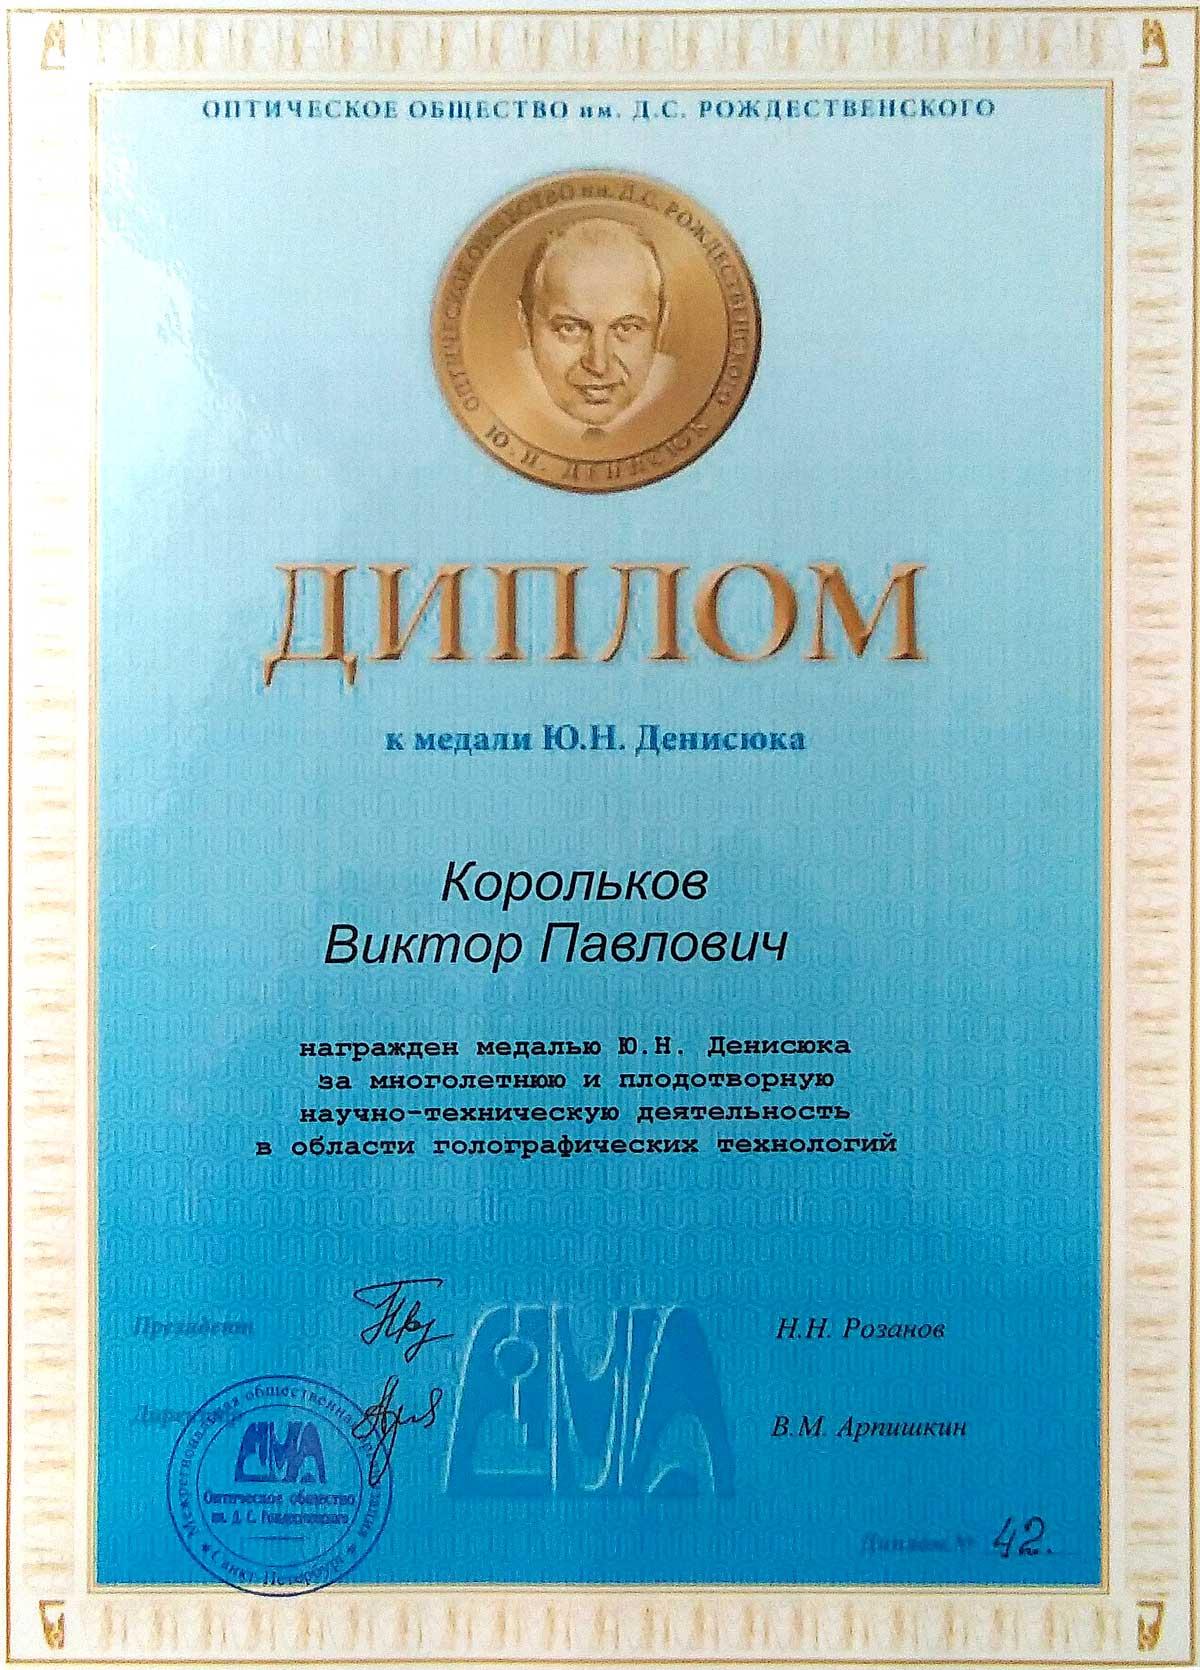 Медалью Ю.Н. Денисюка награждён д.т.н. В.П. Корольков